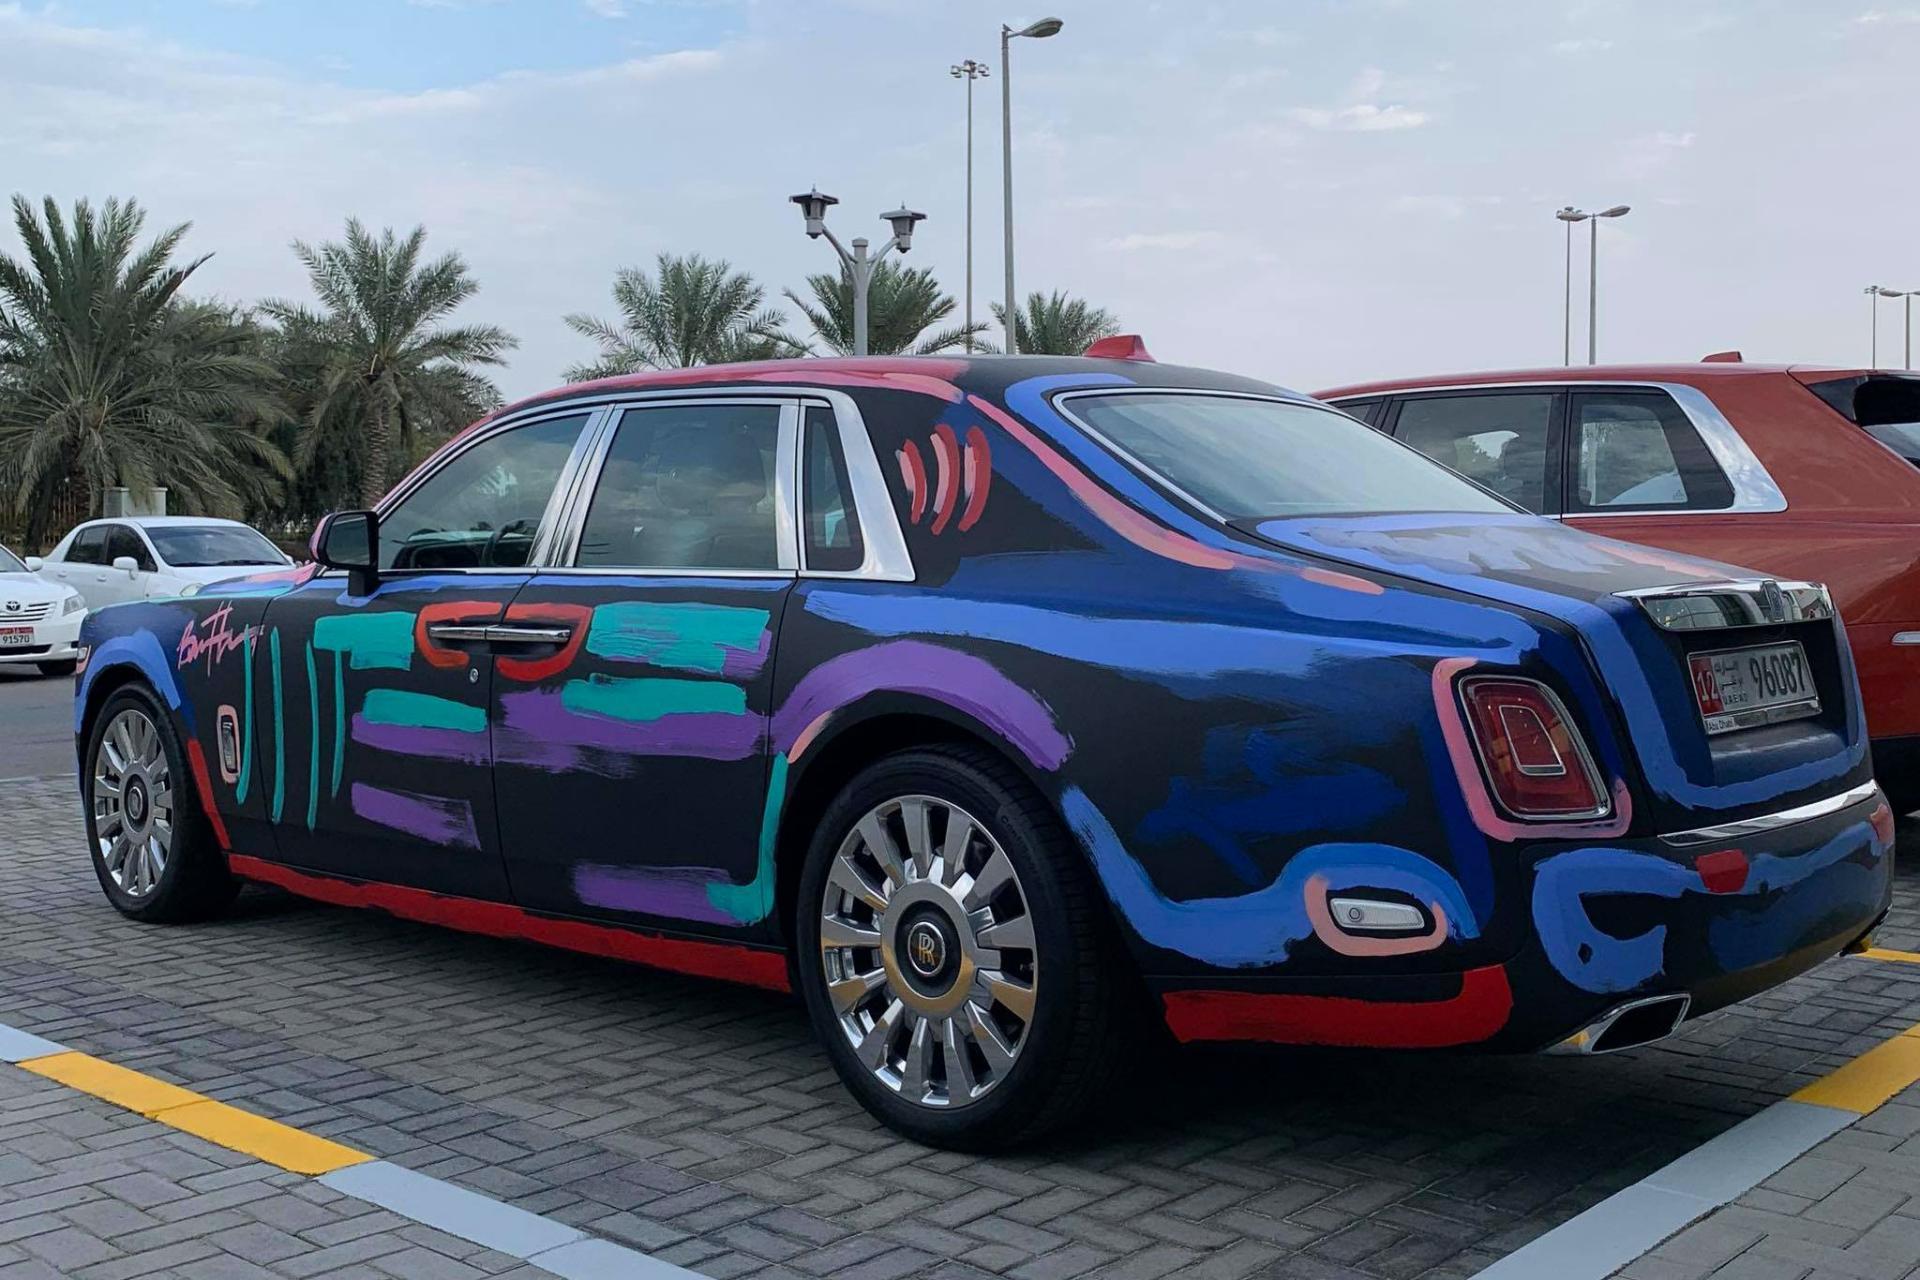 Rolls-Royce Phantom Penuh Coretan, Harganya Malah Naik?